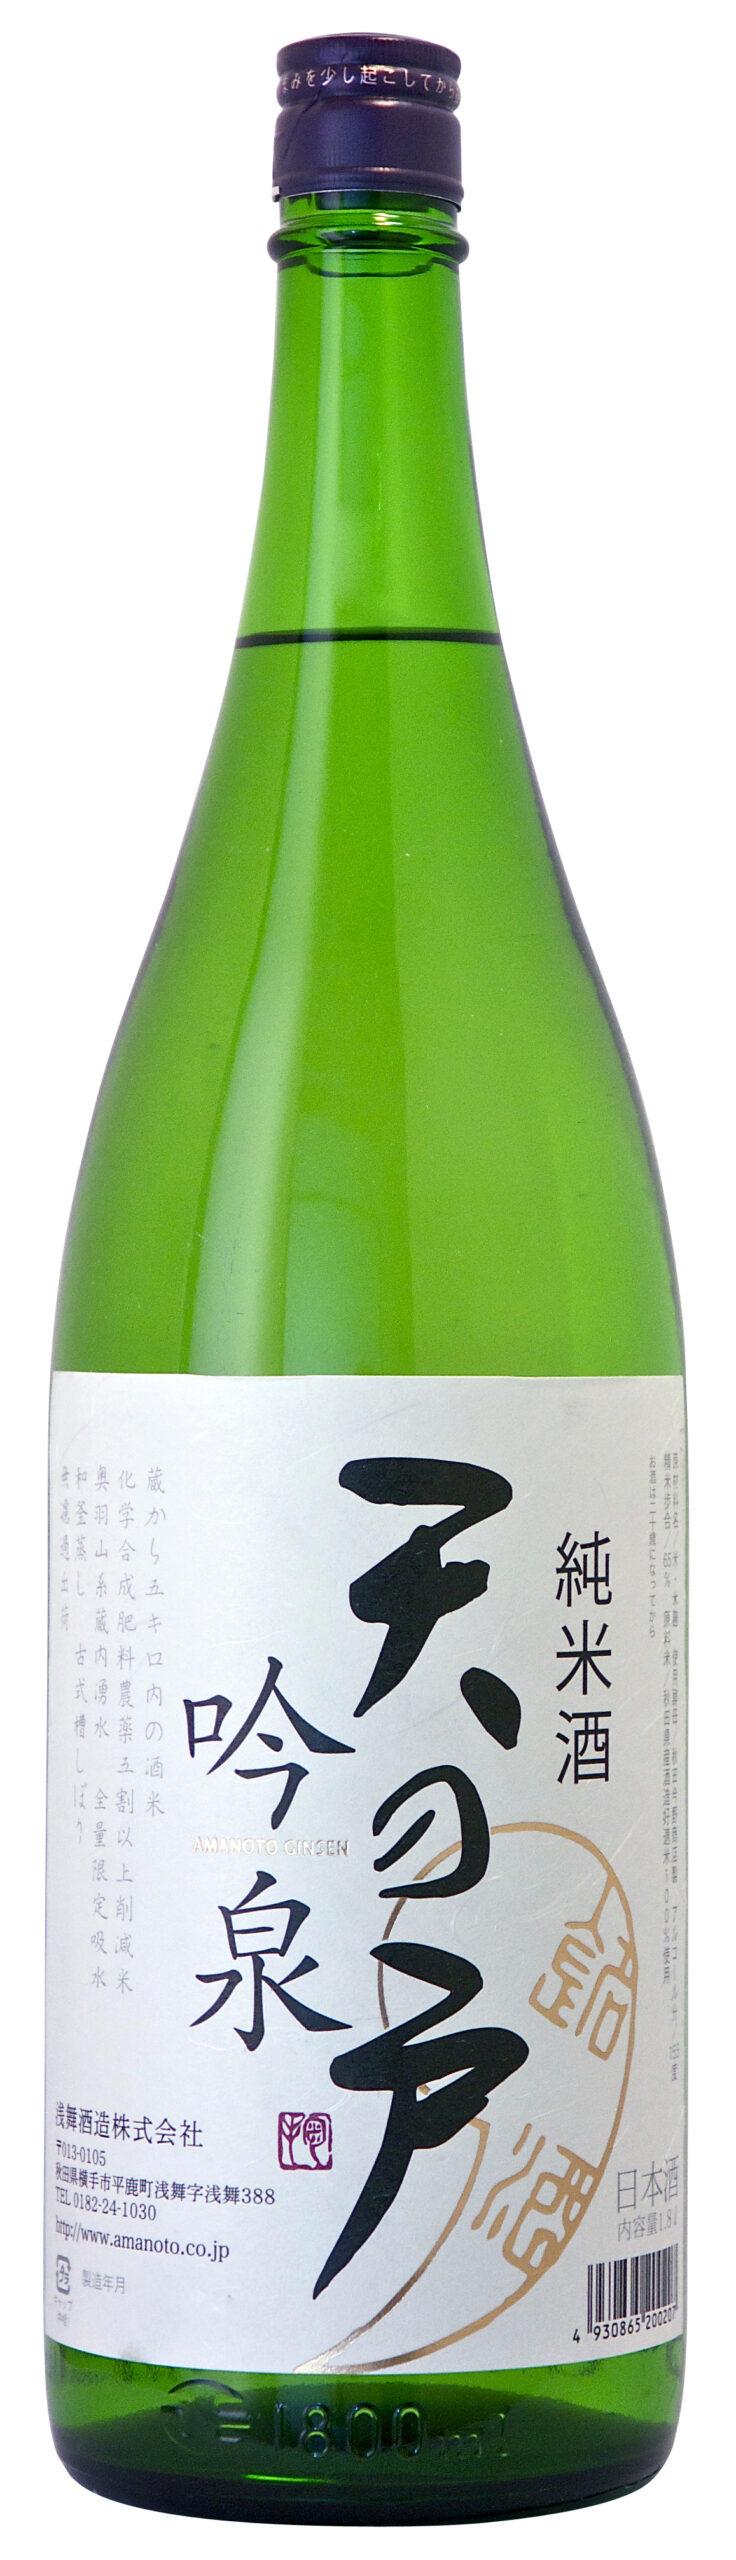 純米酒 天の戸 吟泉